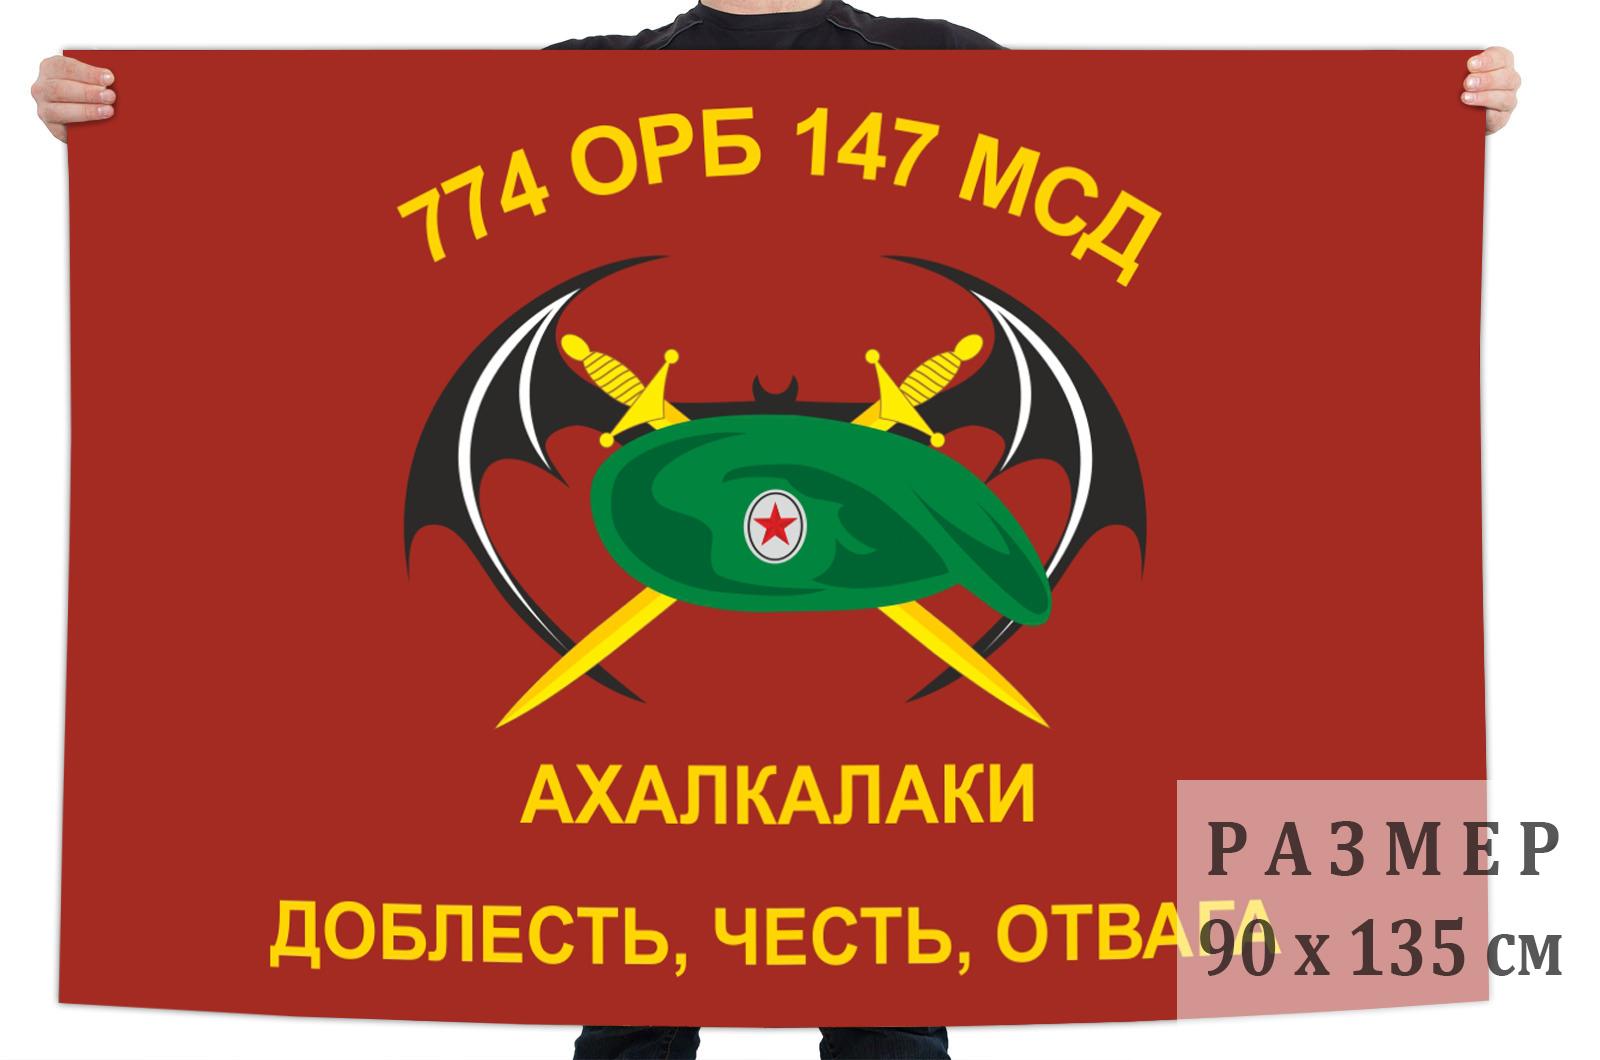 Флаг 774 отдельного разведовательного батальона 147 МСД